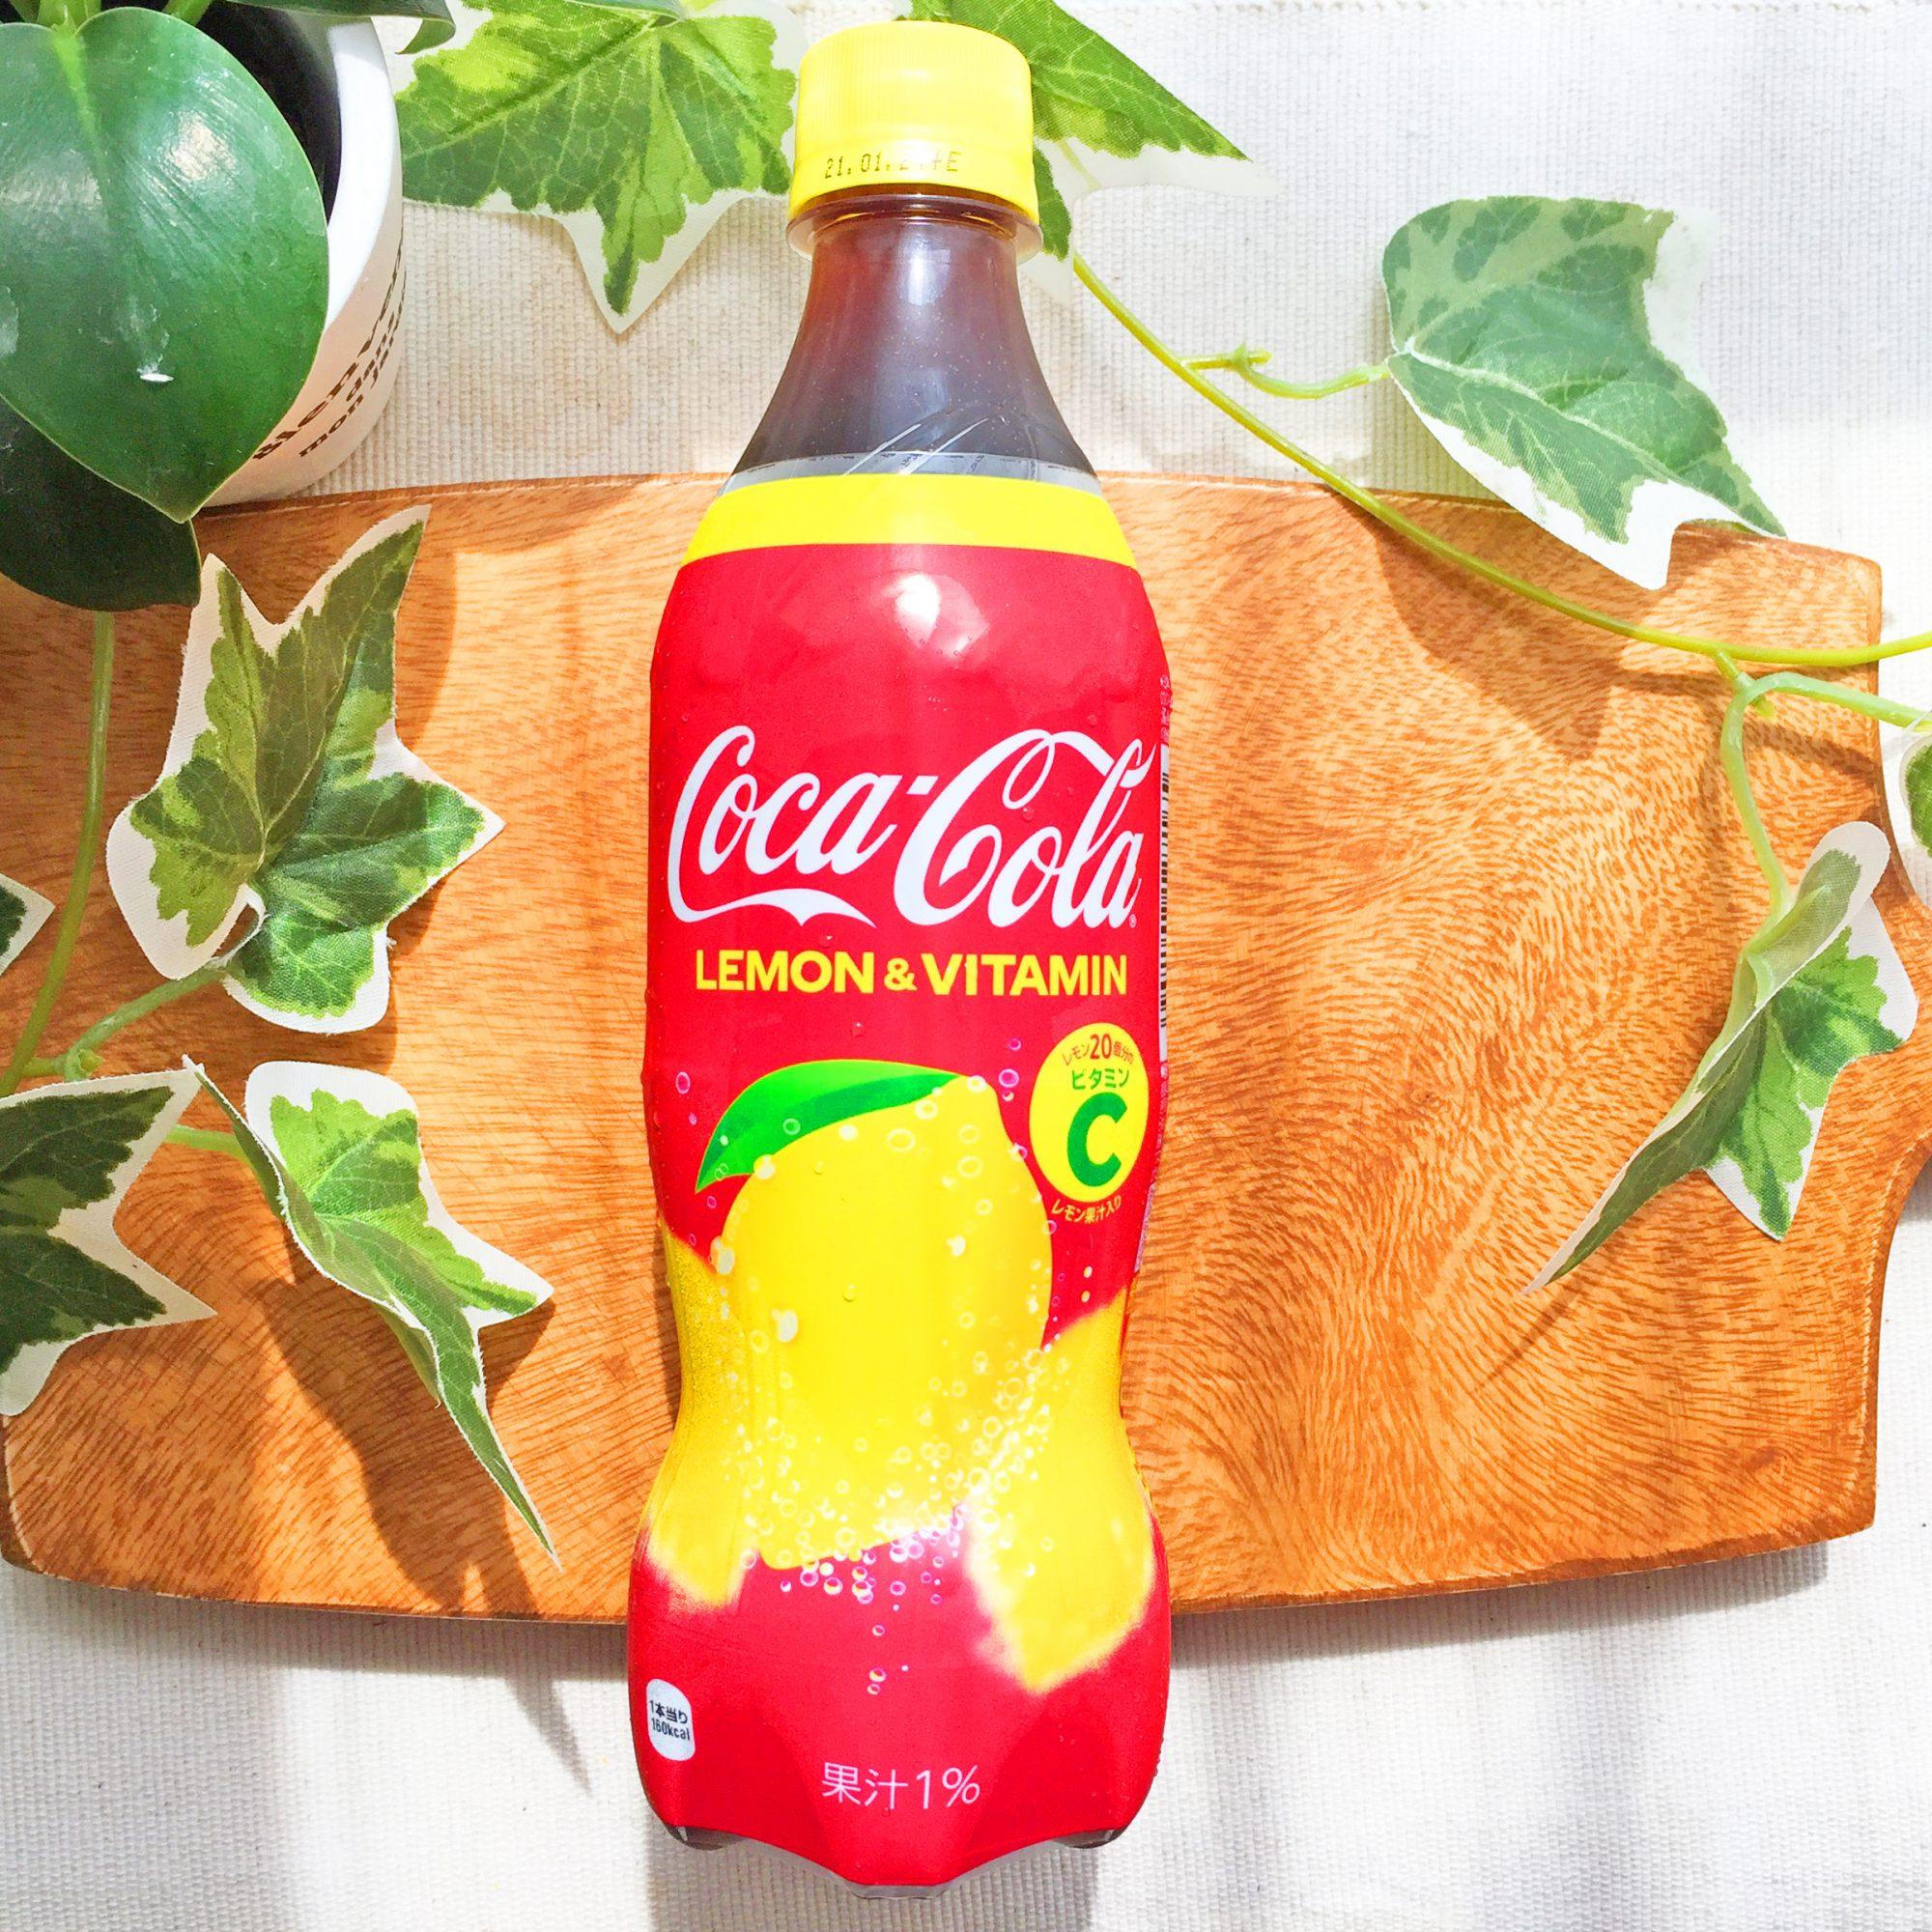 コカ・コーラ『アイスコールド コカ・コーラレモン&ビタミン』実飲レビュー!爽やかで飲みやすいレモンの酸味が◎アイスコールドに出会いたくなる健康系コーラ!